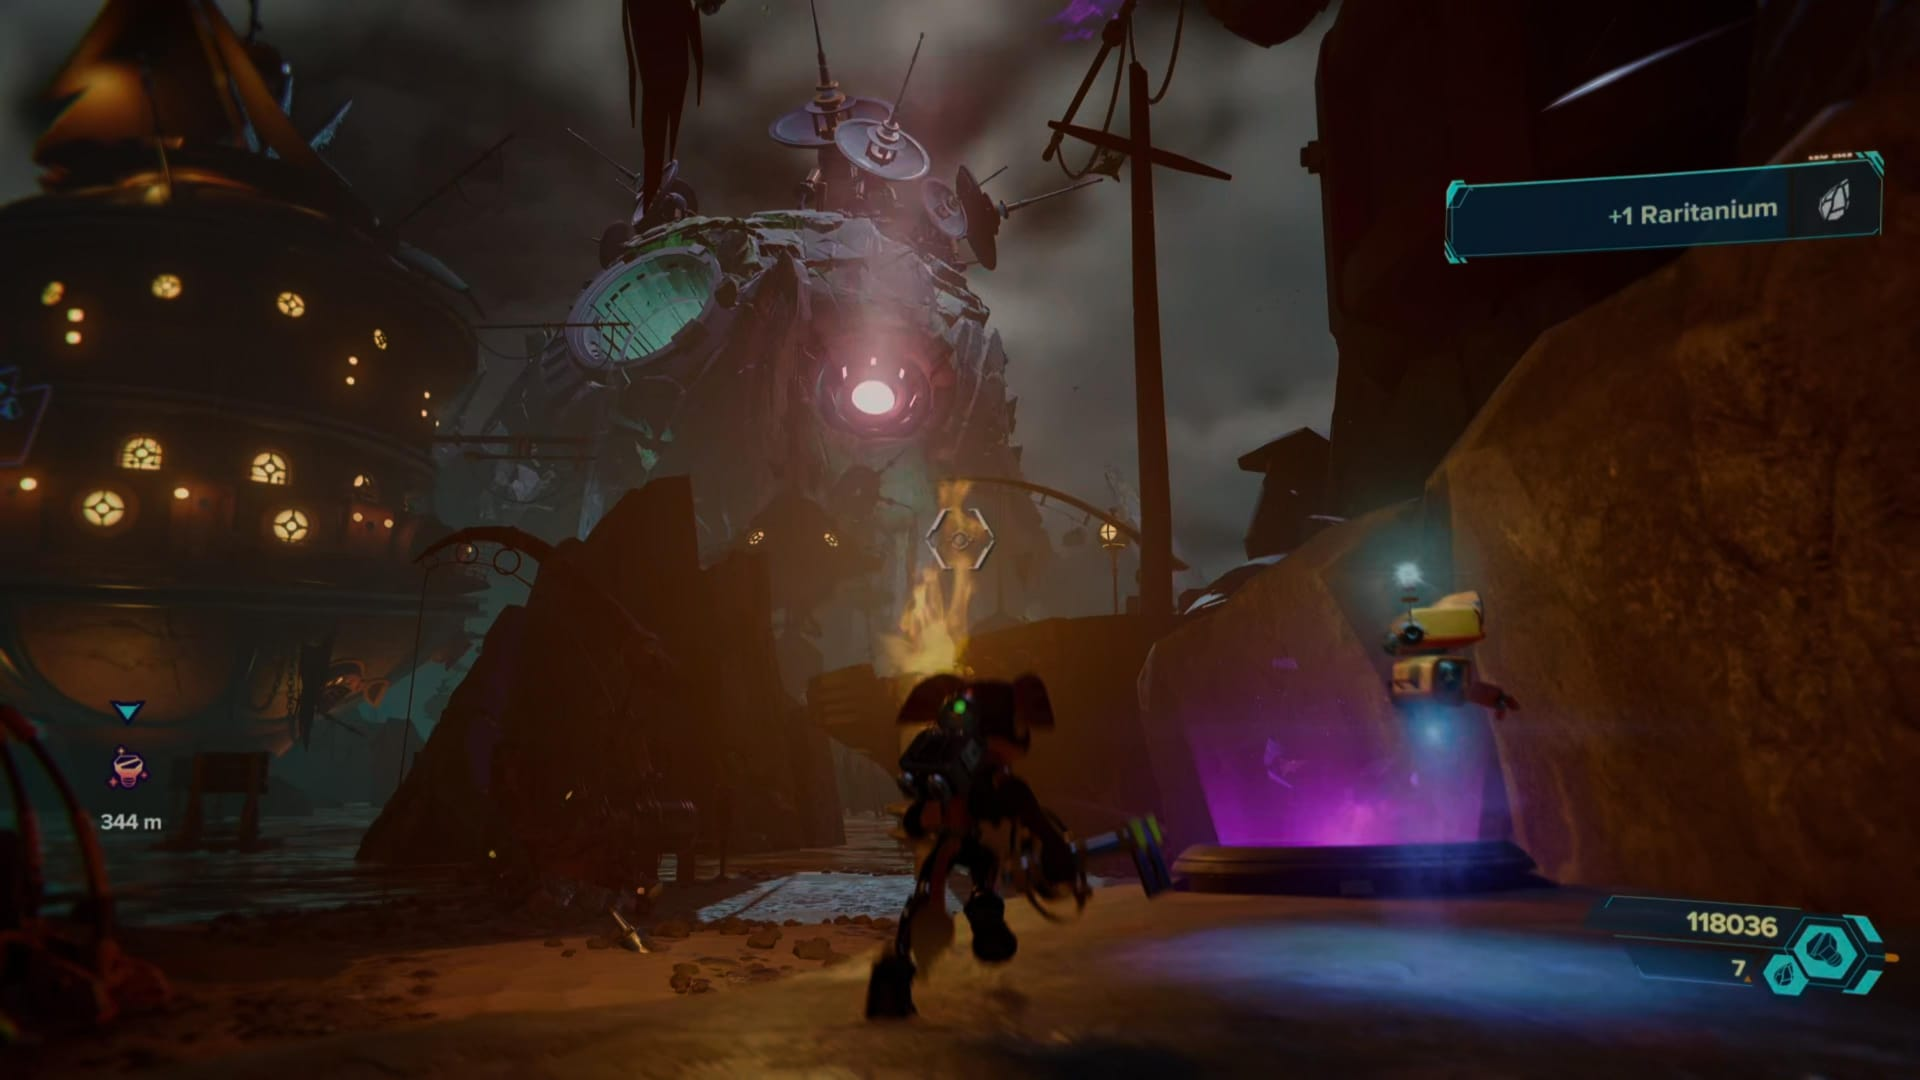 Ratchet & Clank Ardolis Spy Bot